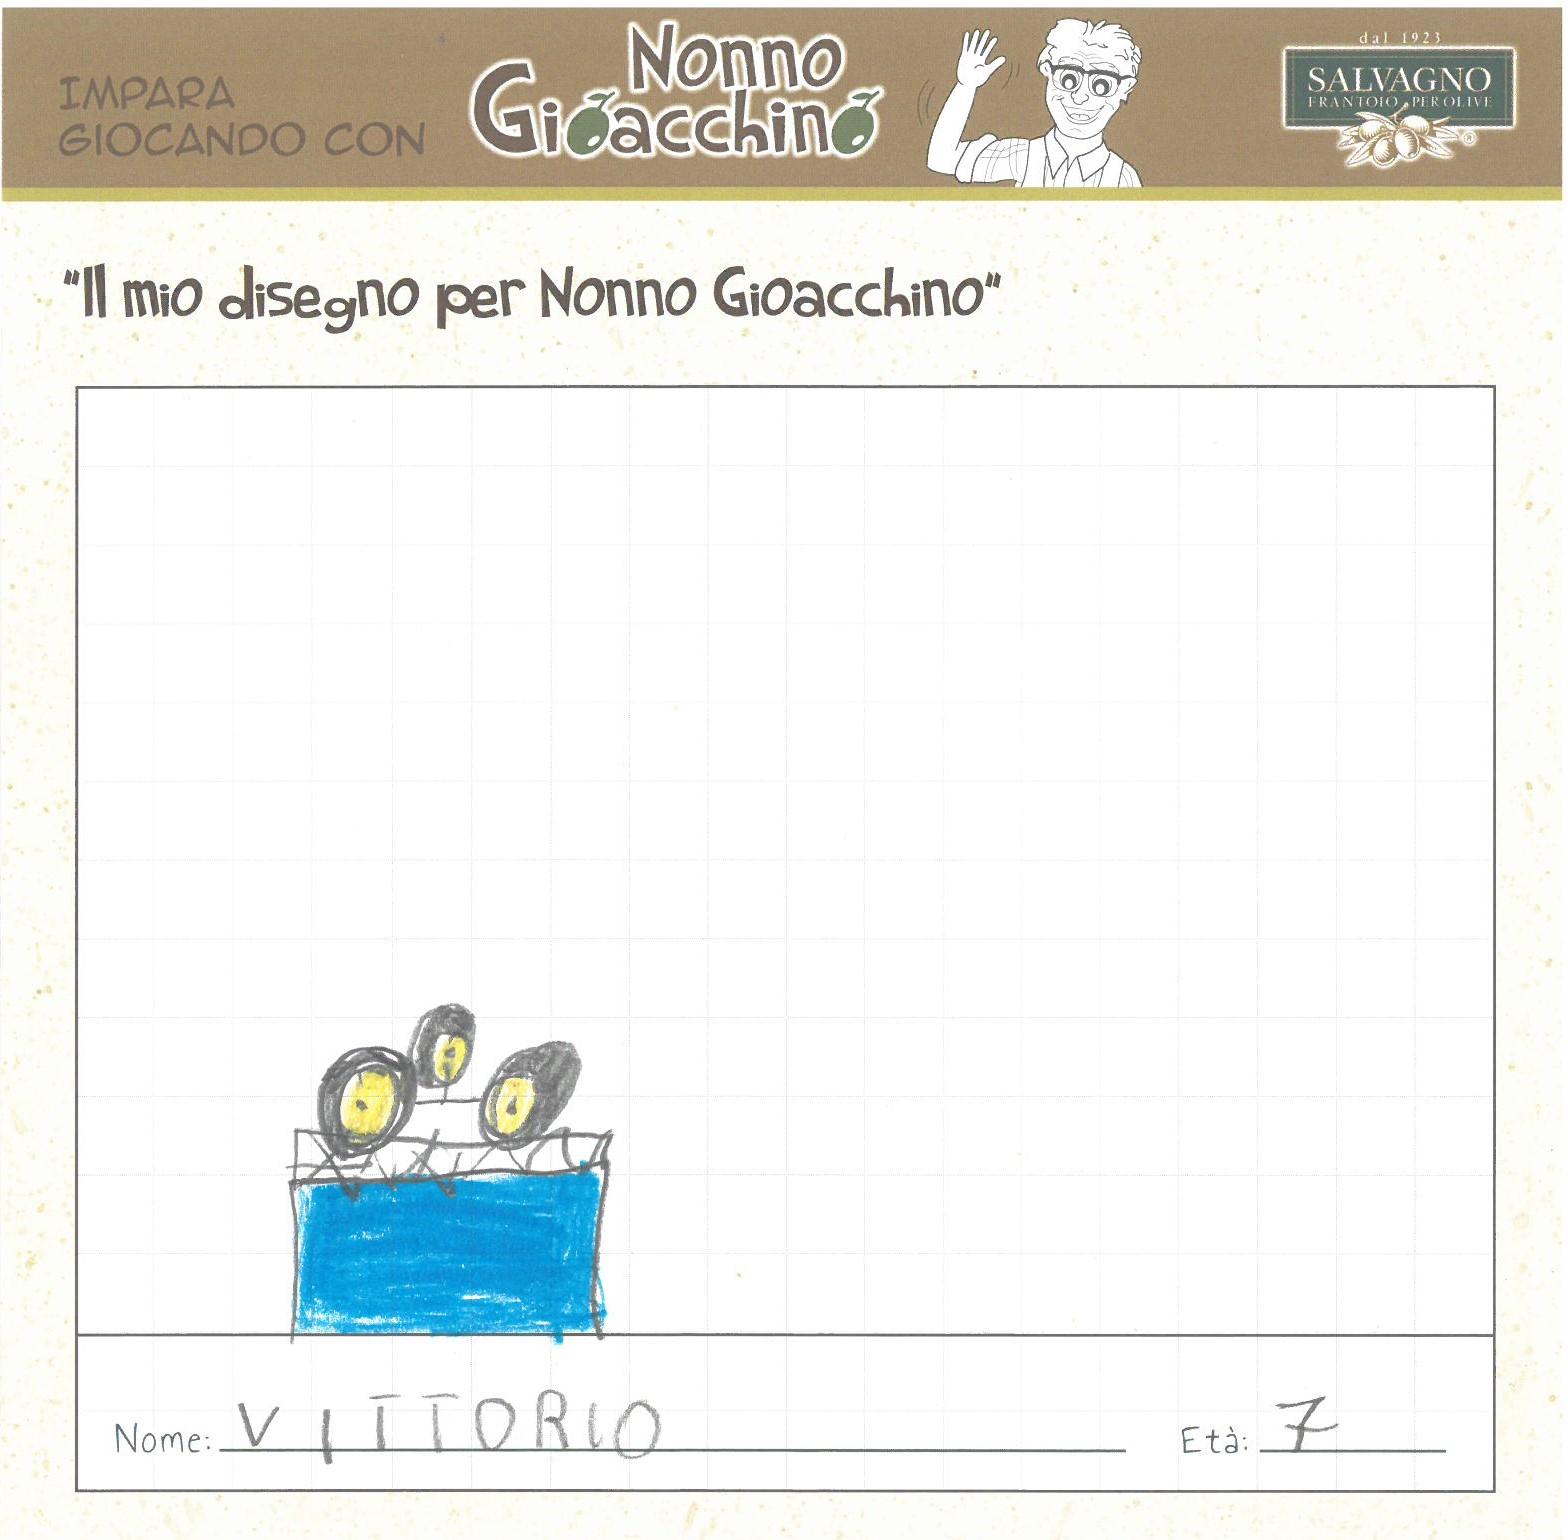 VITTORIO 7